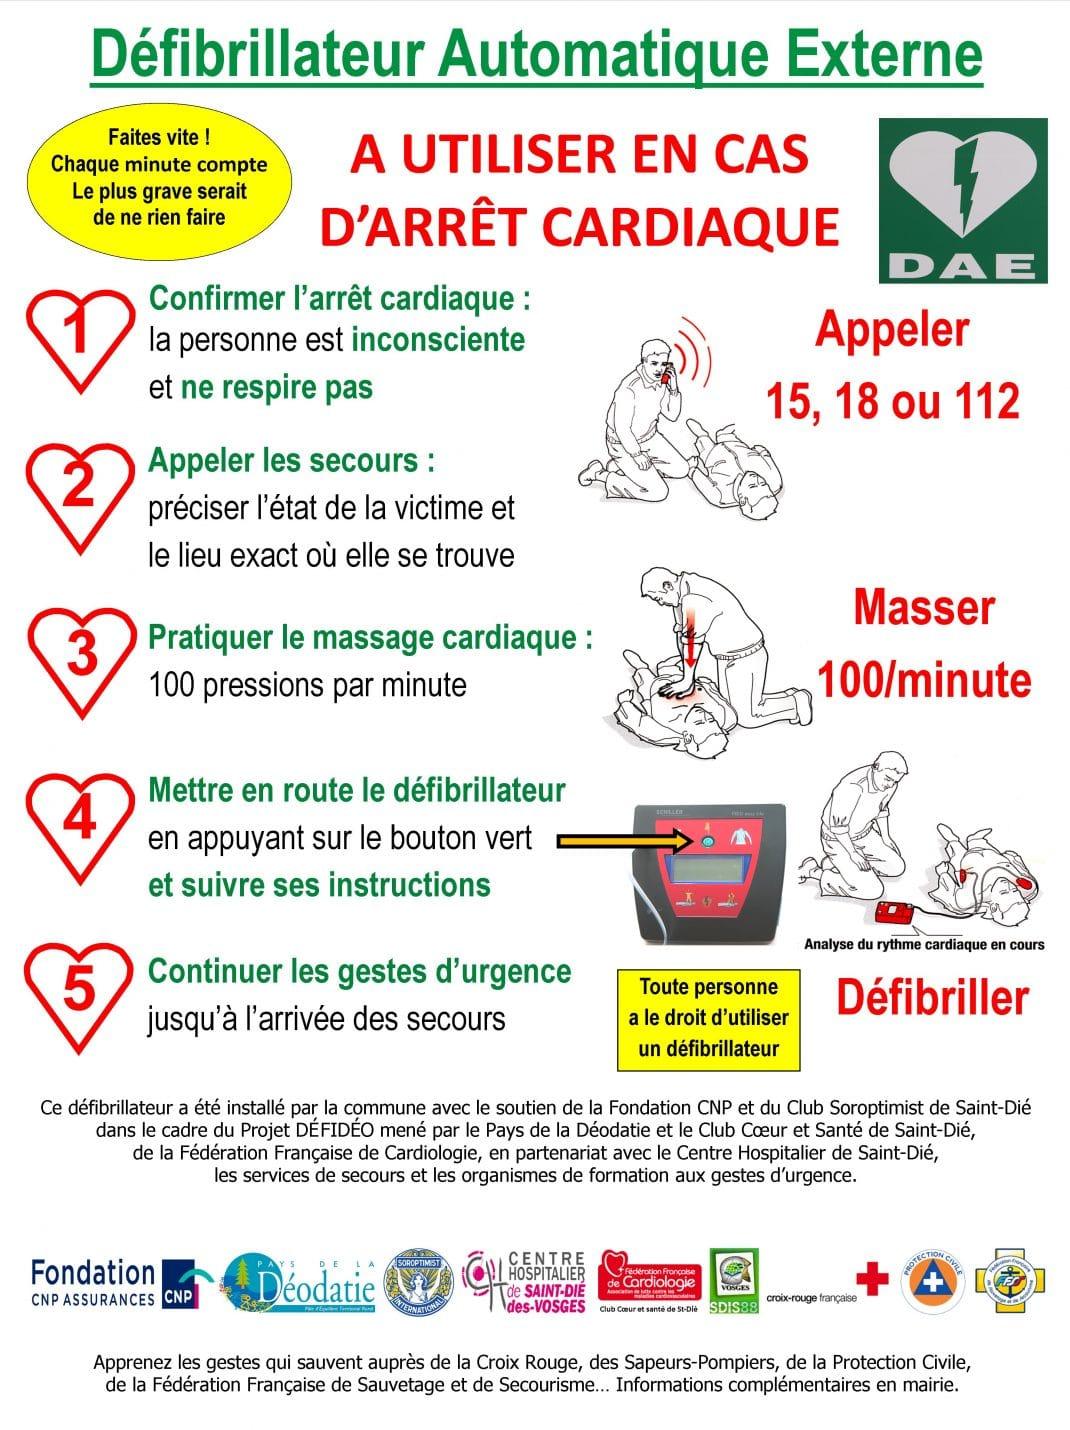 Image du panneau explicatif apposé à côté de chaque défibrillateur